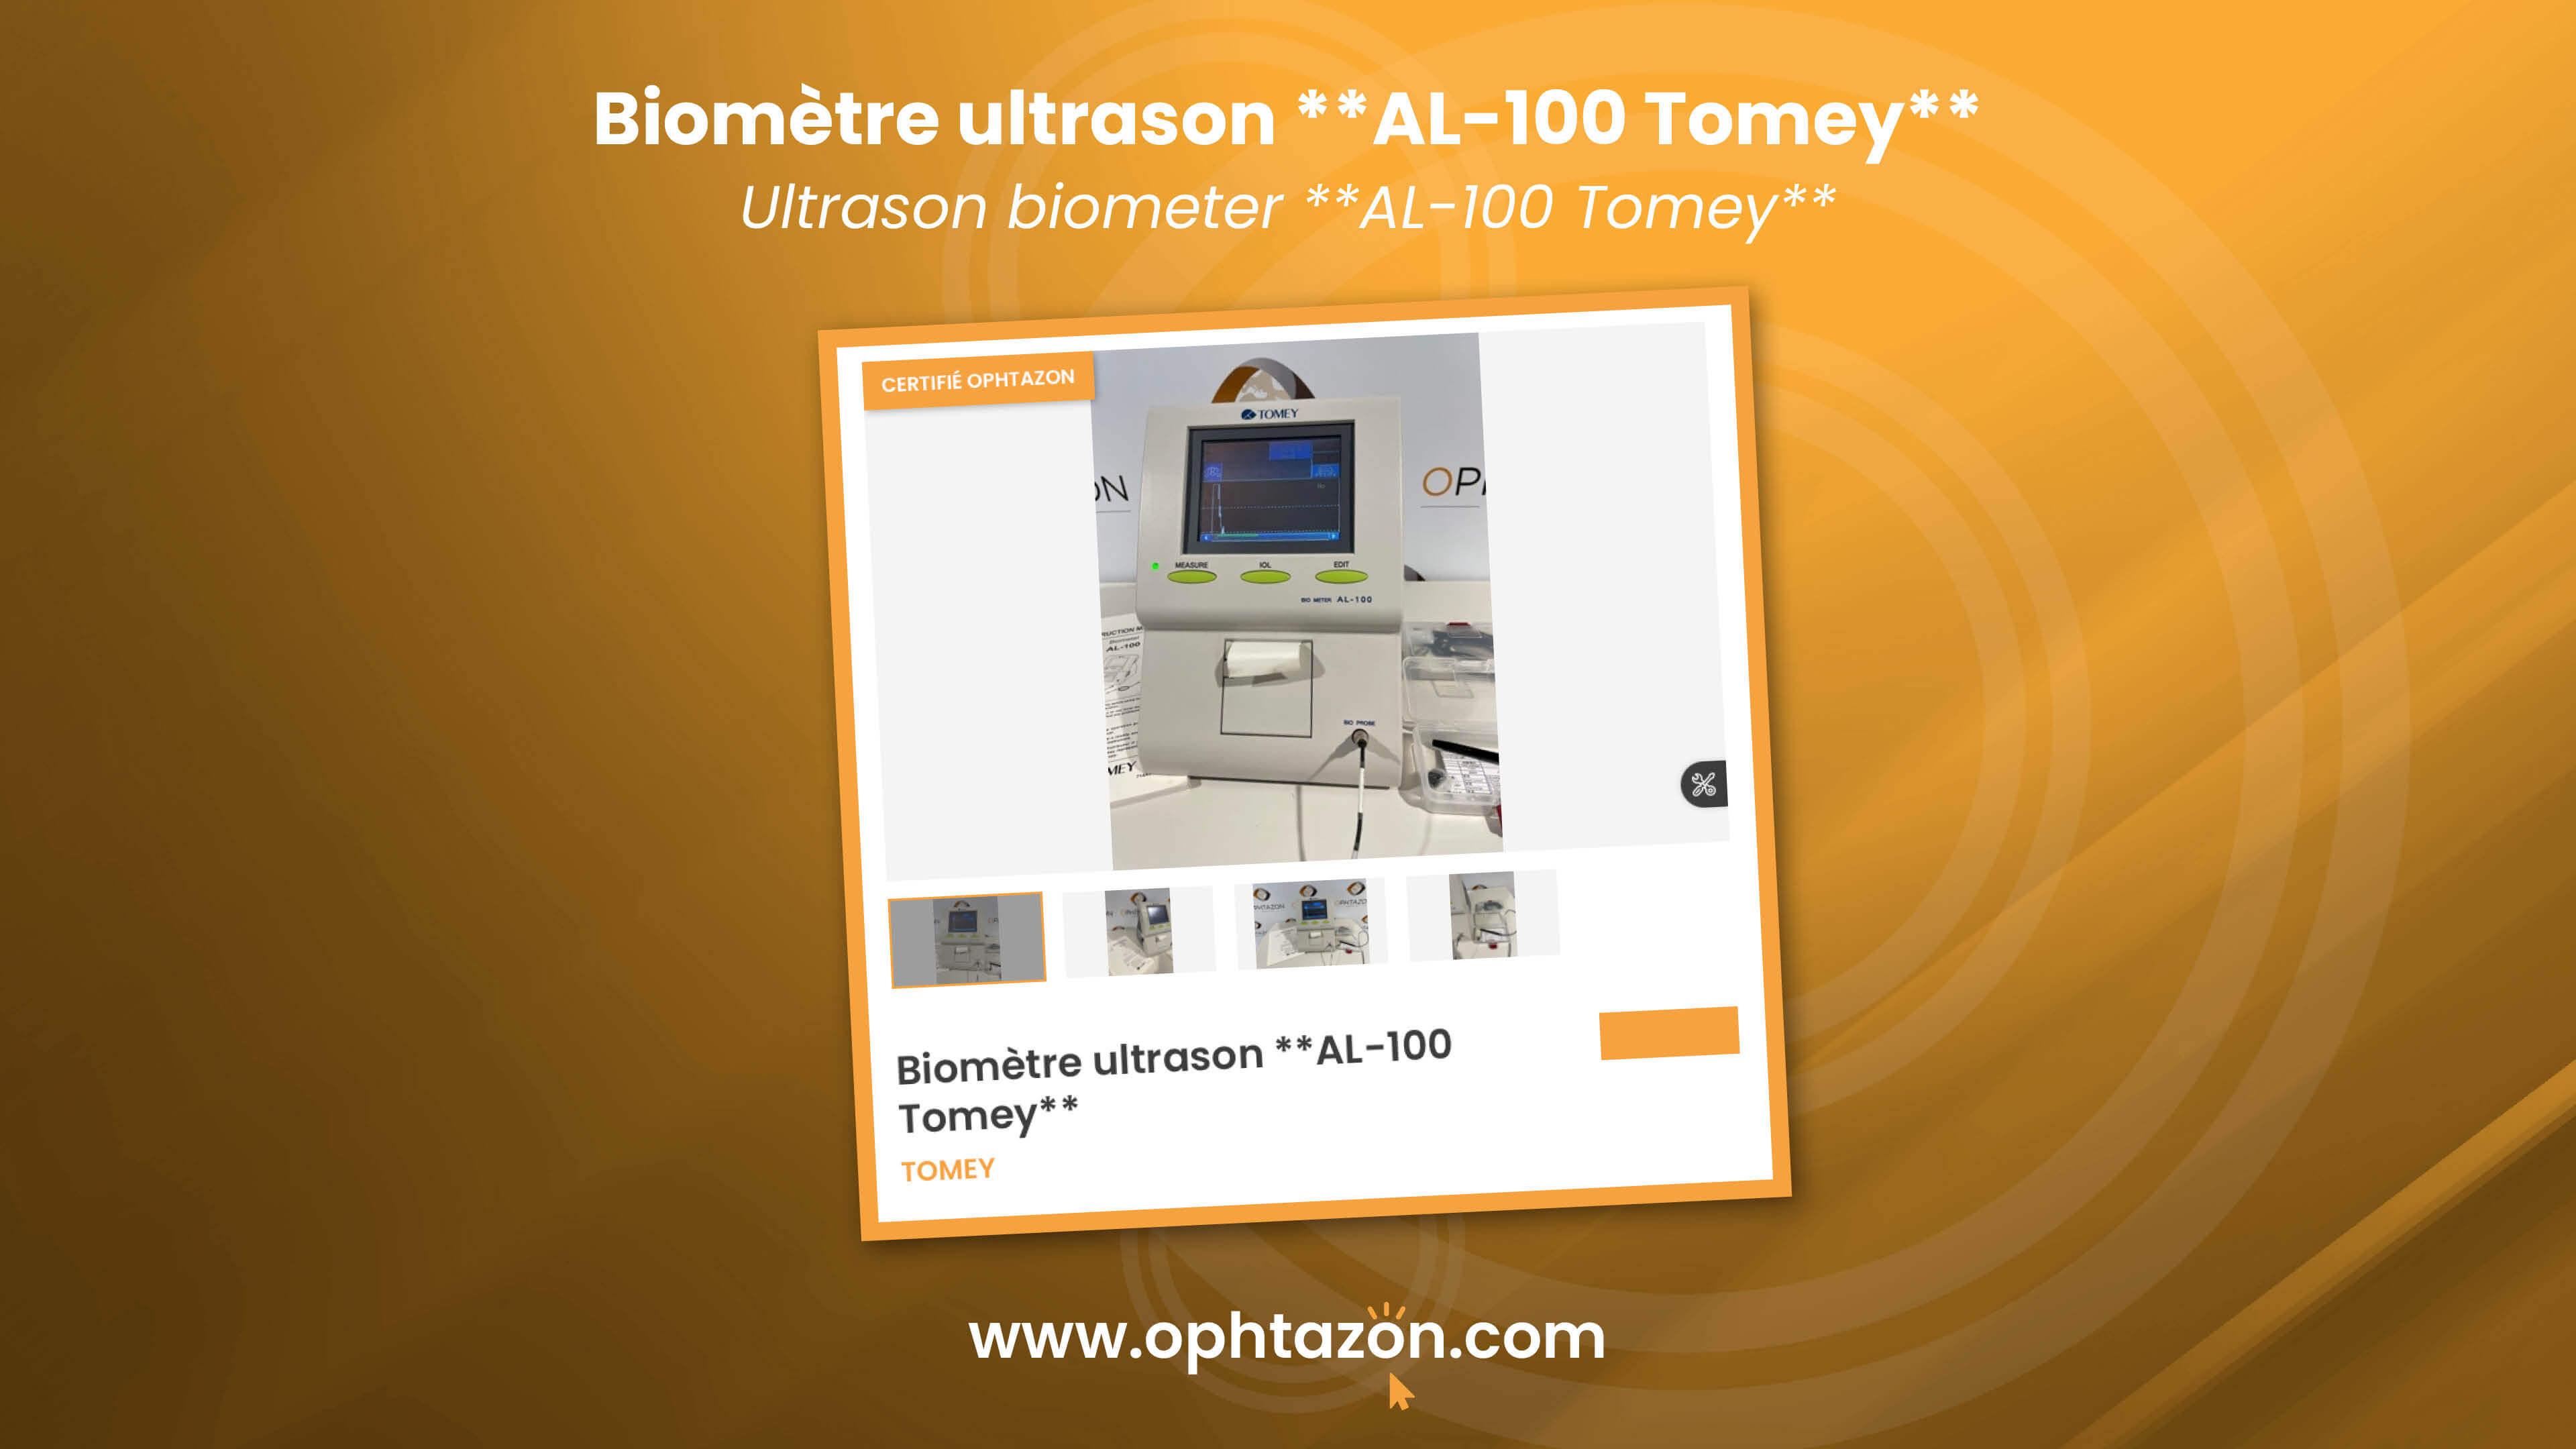 Le biomètre ultrason Tomey est disponible chez OPHTAZON